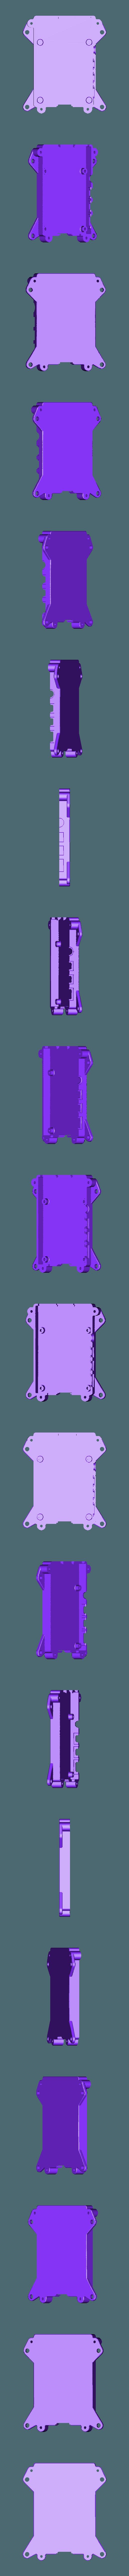 BOTTOM_75MM_VESA_BLANK.STL Télécharger fichier STL gratuit Étui Pi 4B Framboise Framboise • Objet pour imprimante 3D, mkellsy